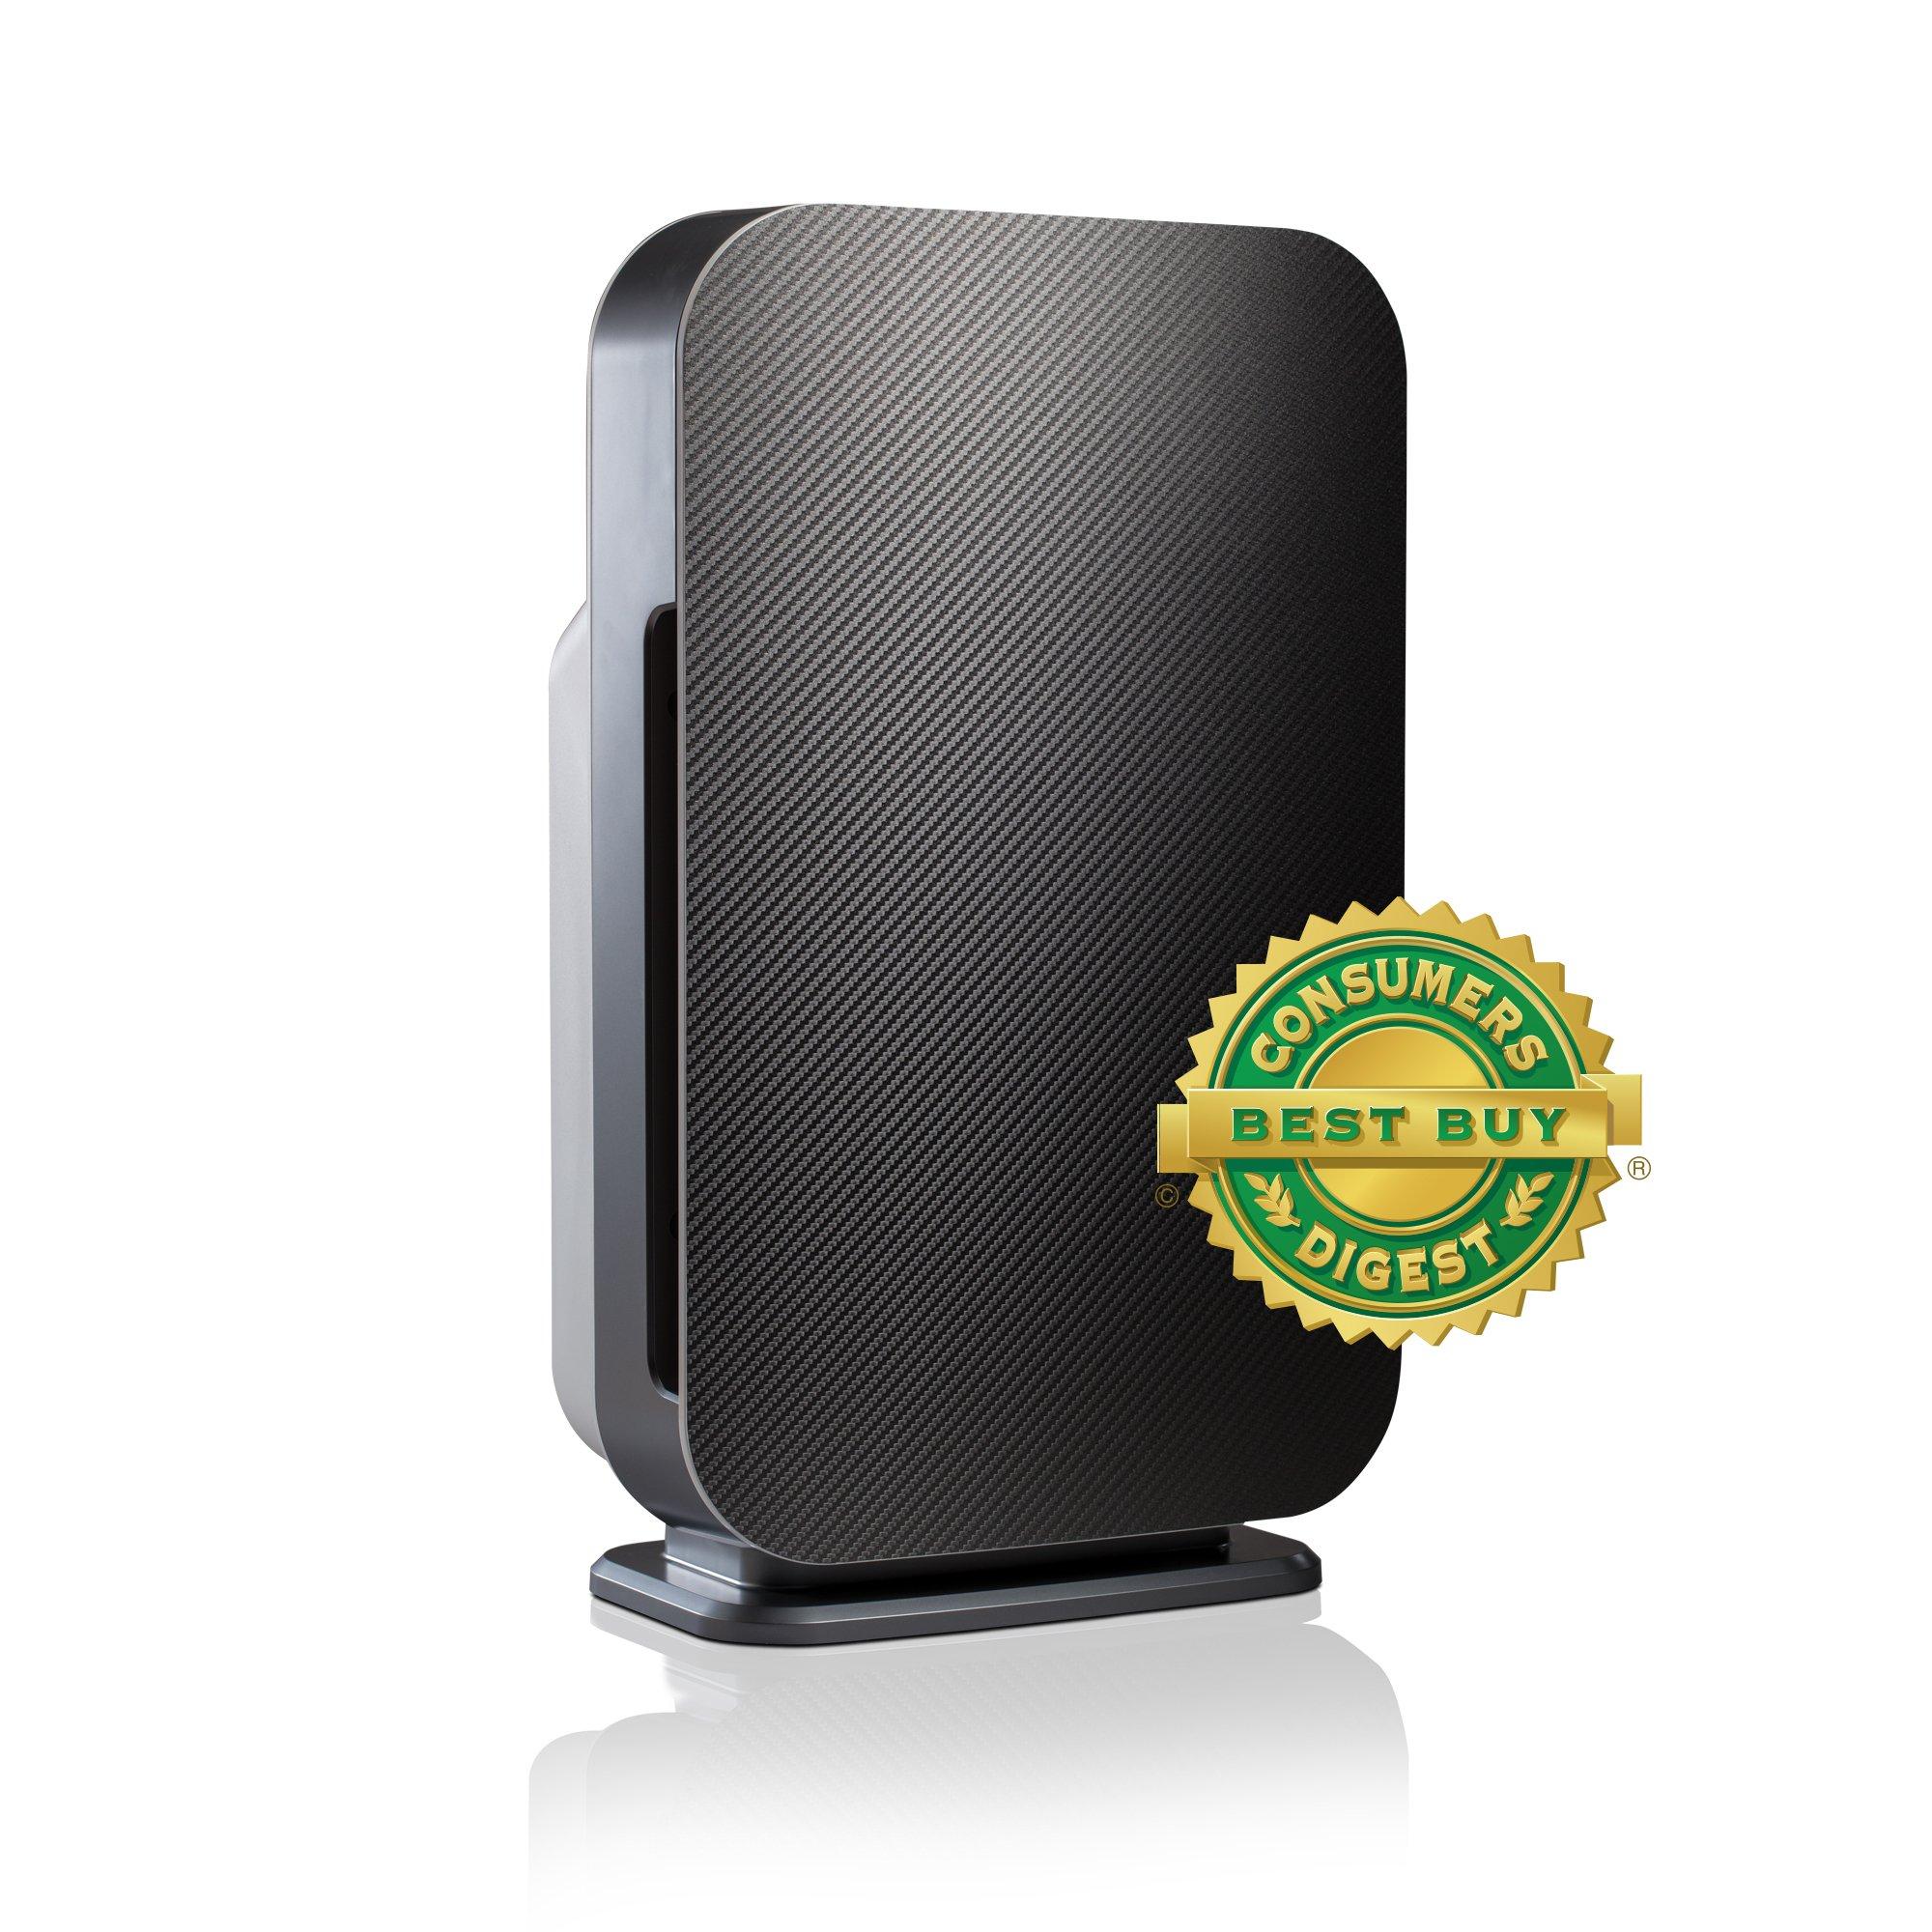 Alen FLEX Allergen-Reducing Air Purifier with Basic HEPA Filter, 700 SqFt; Carbon Fiber